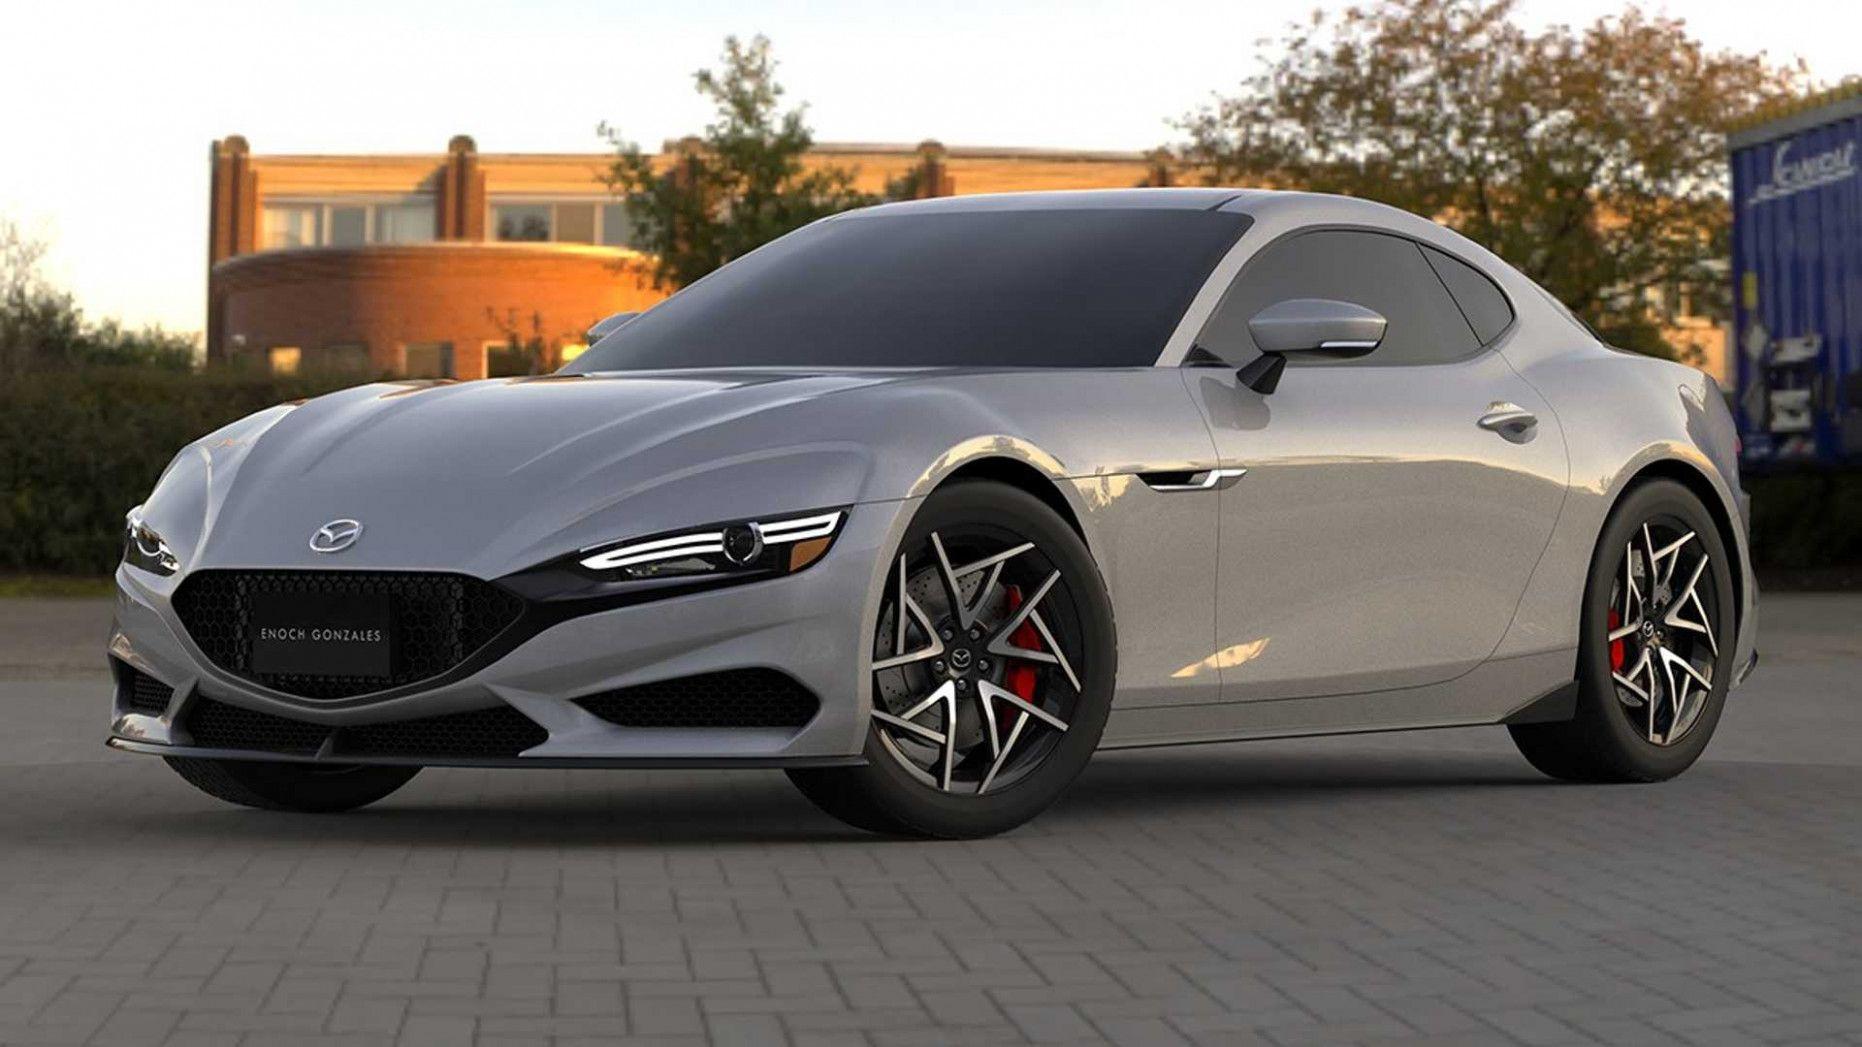 Mazda Sports Car 2021 Release in 2020 Mazda rx7, Mazda, Car